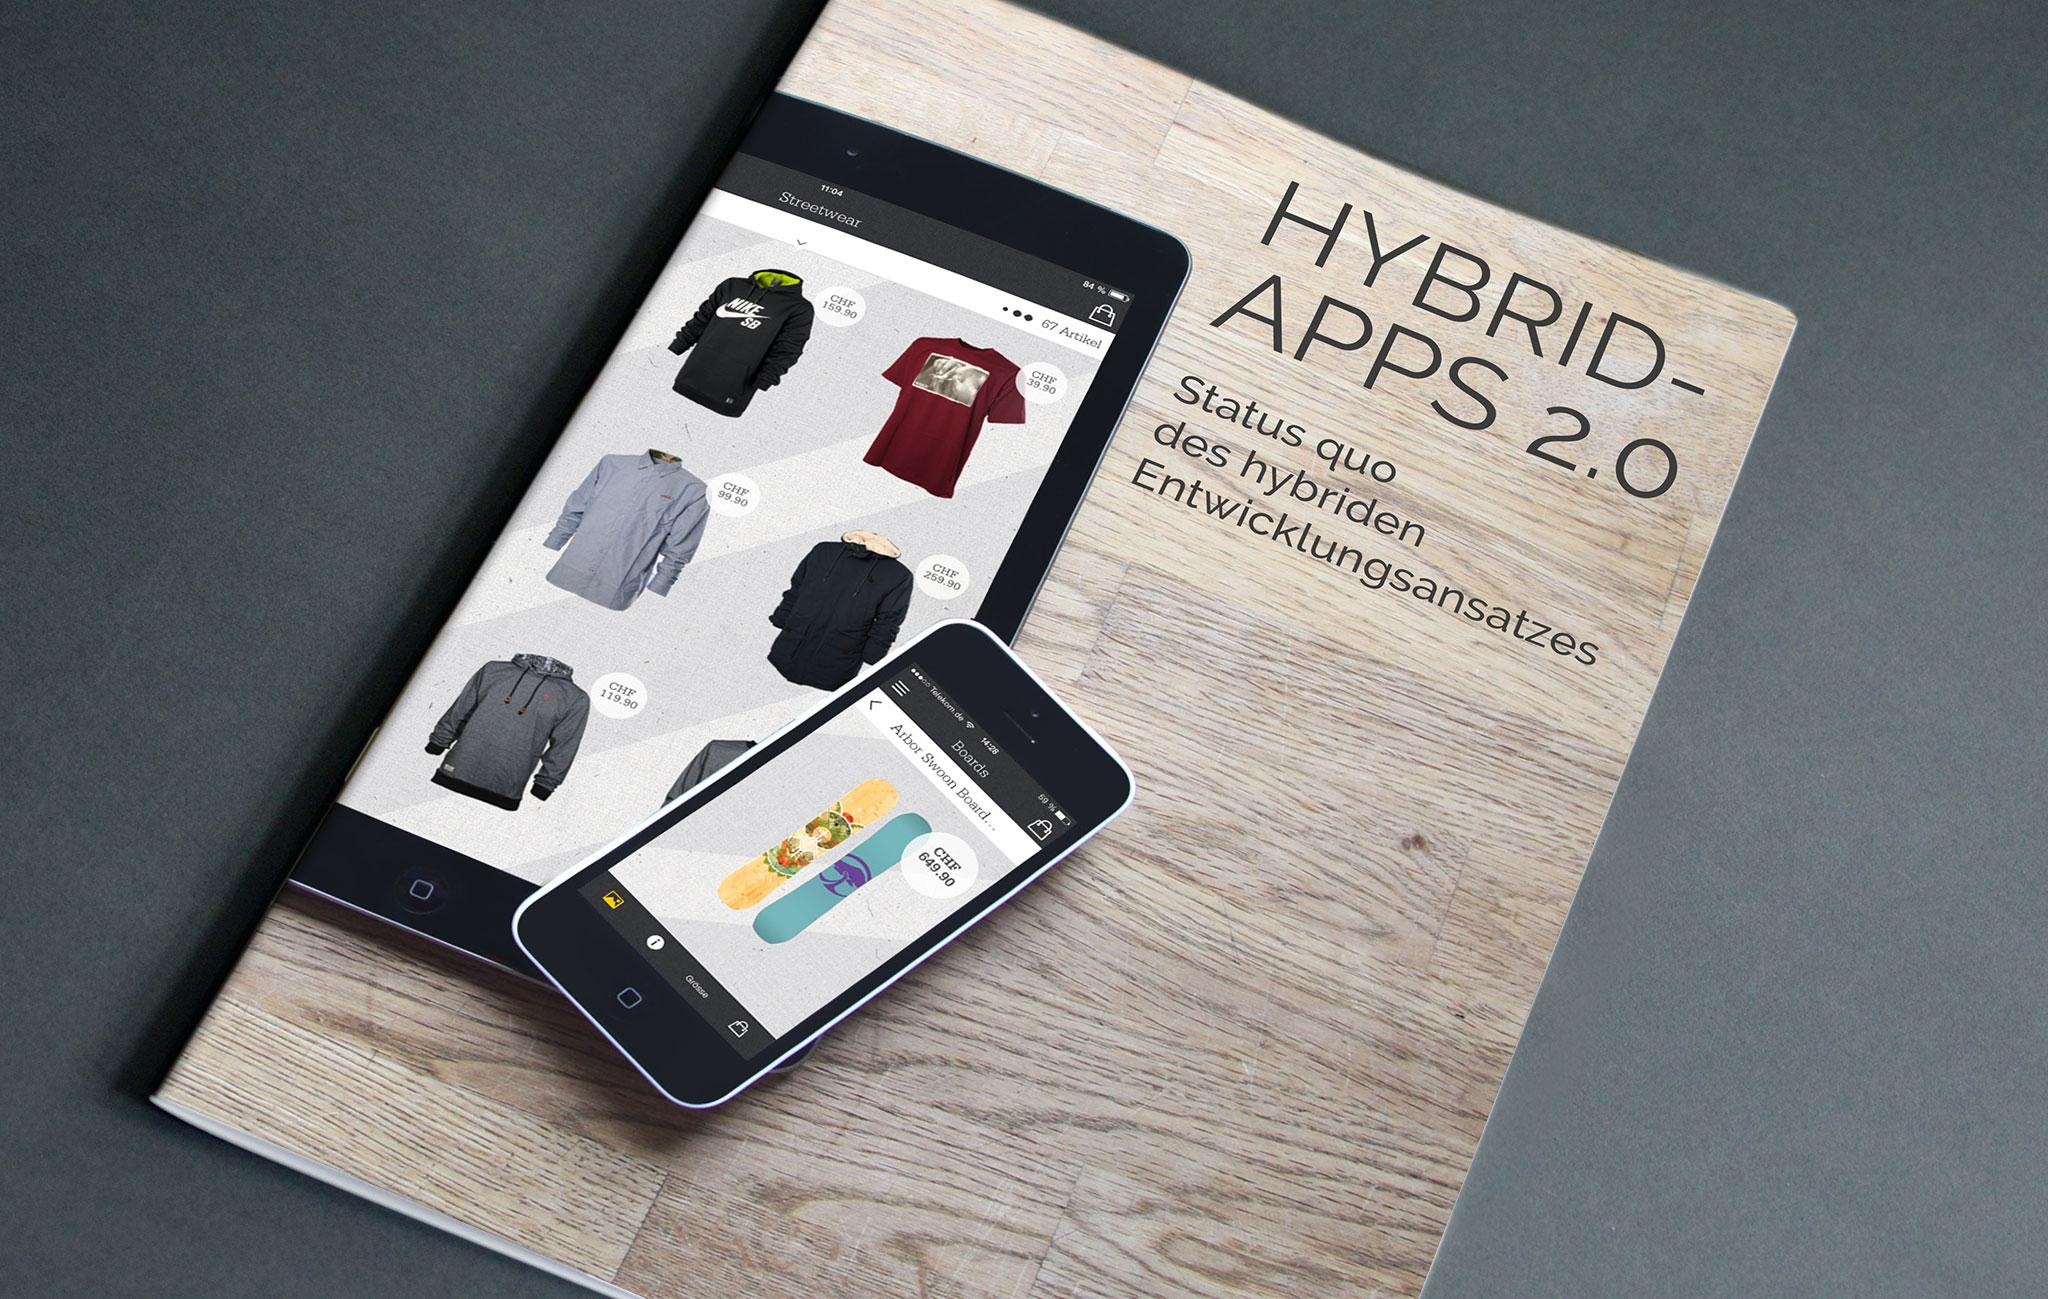 Hybrid-Apps 2.0 – Performanceoptimierung und Potenzial